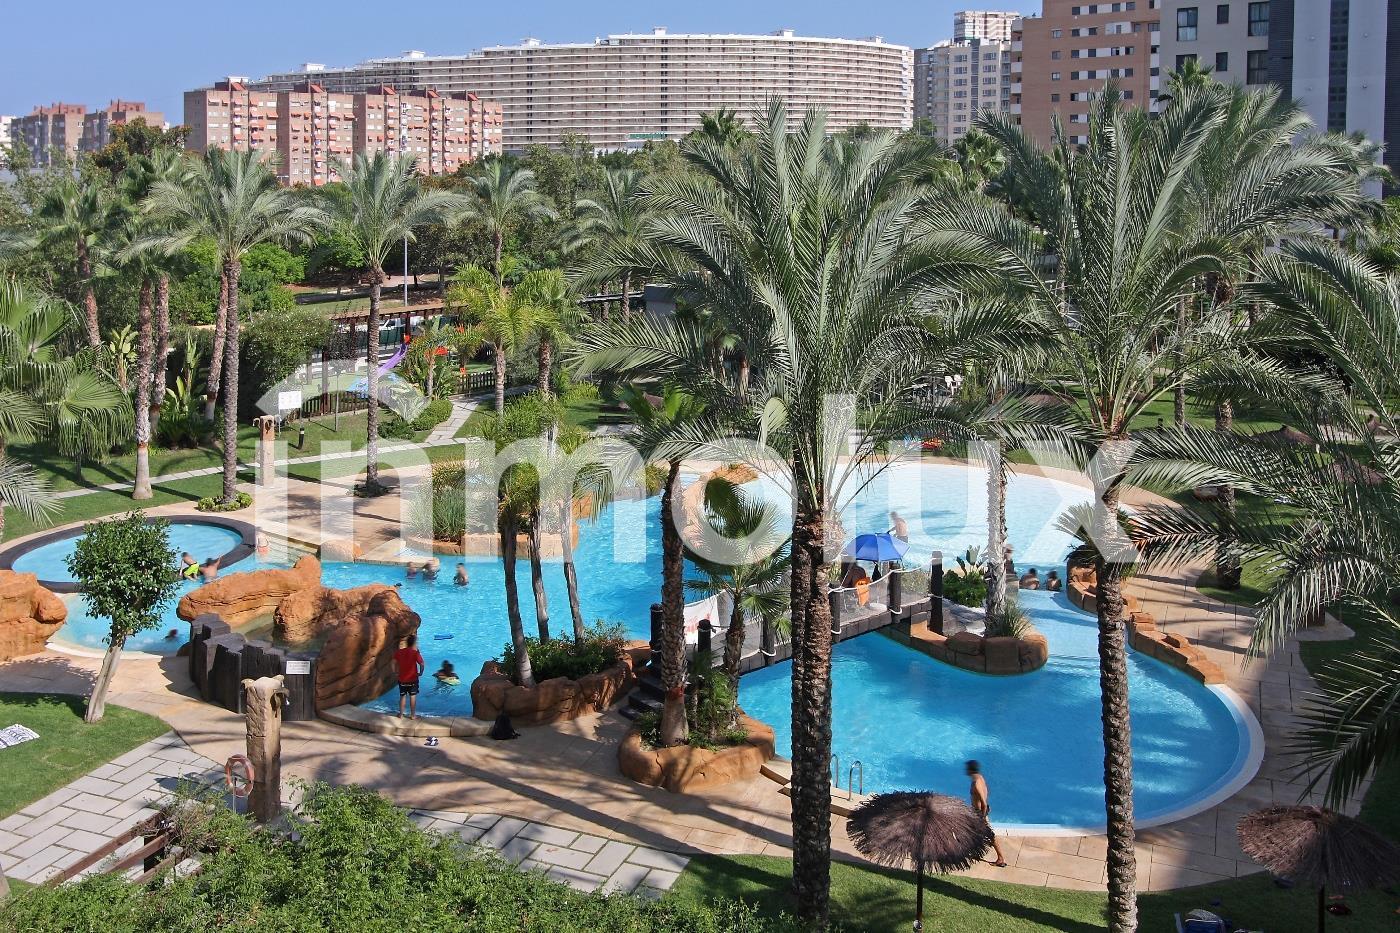 Piso  en Alicante Playa de San Juan -  - >  €